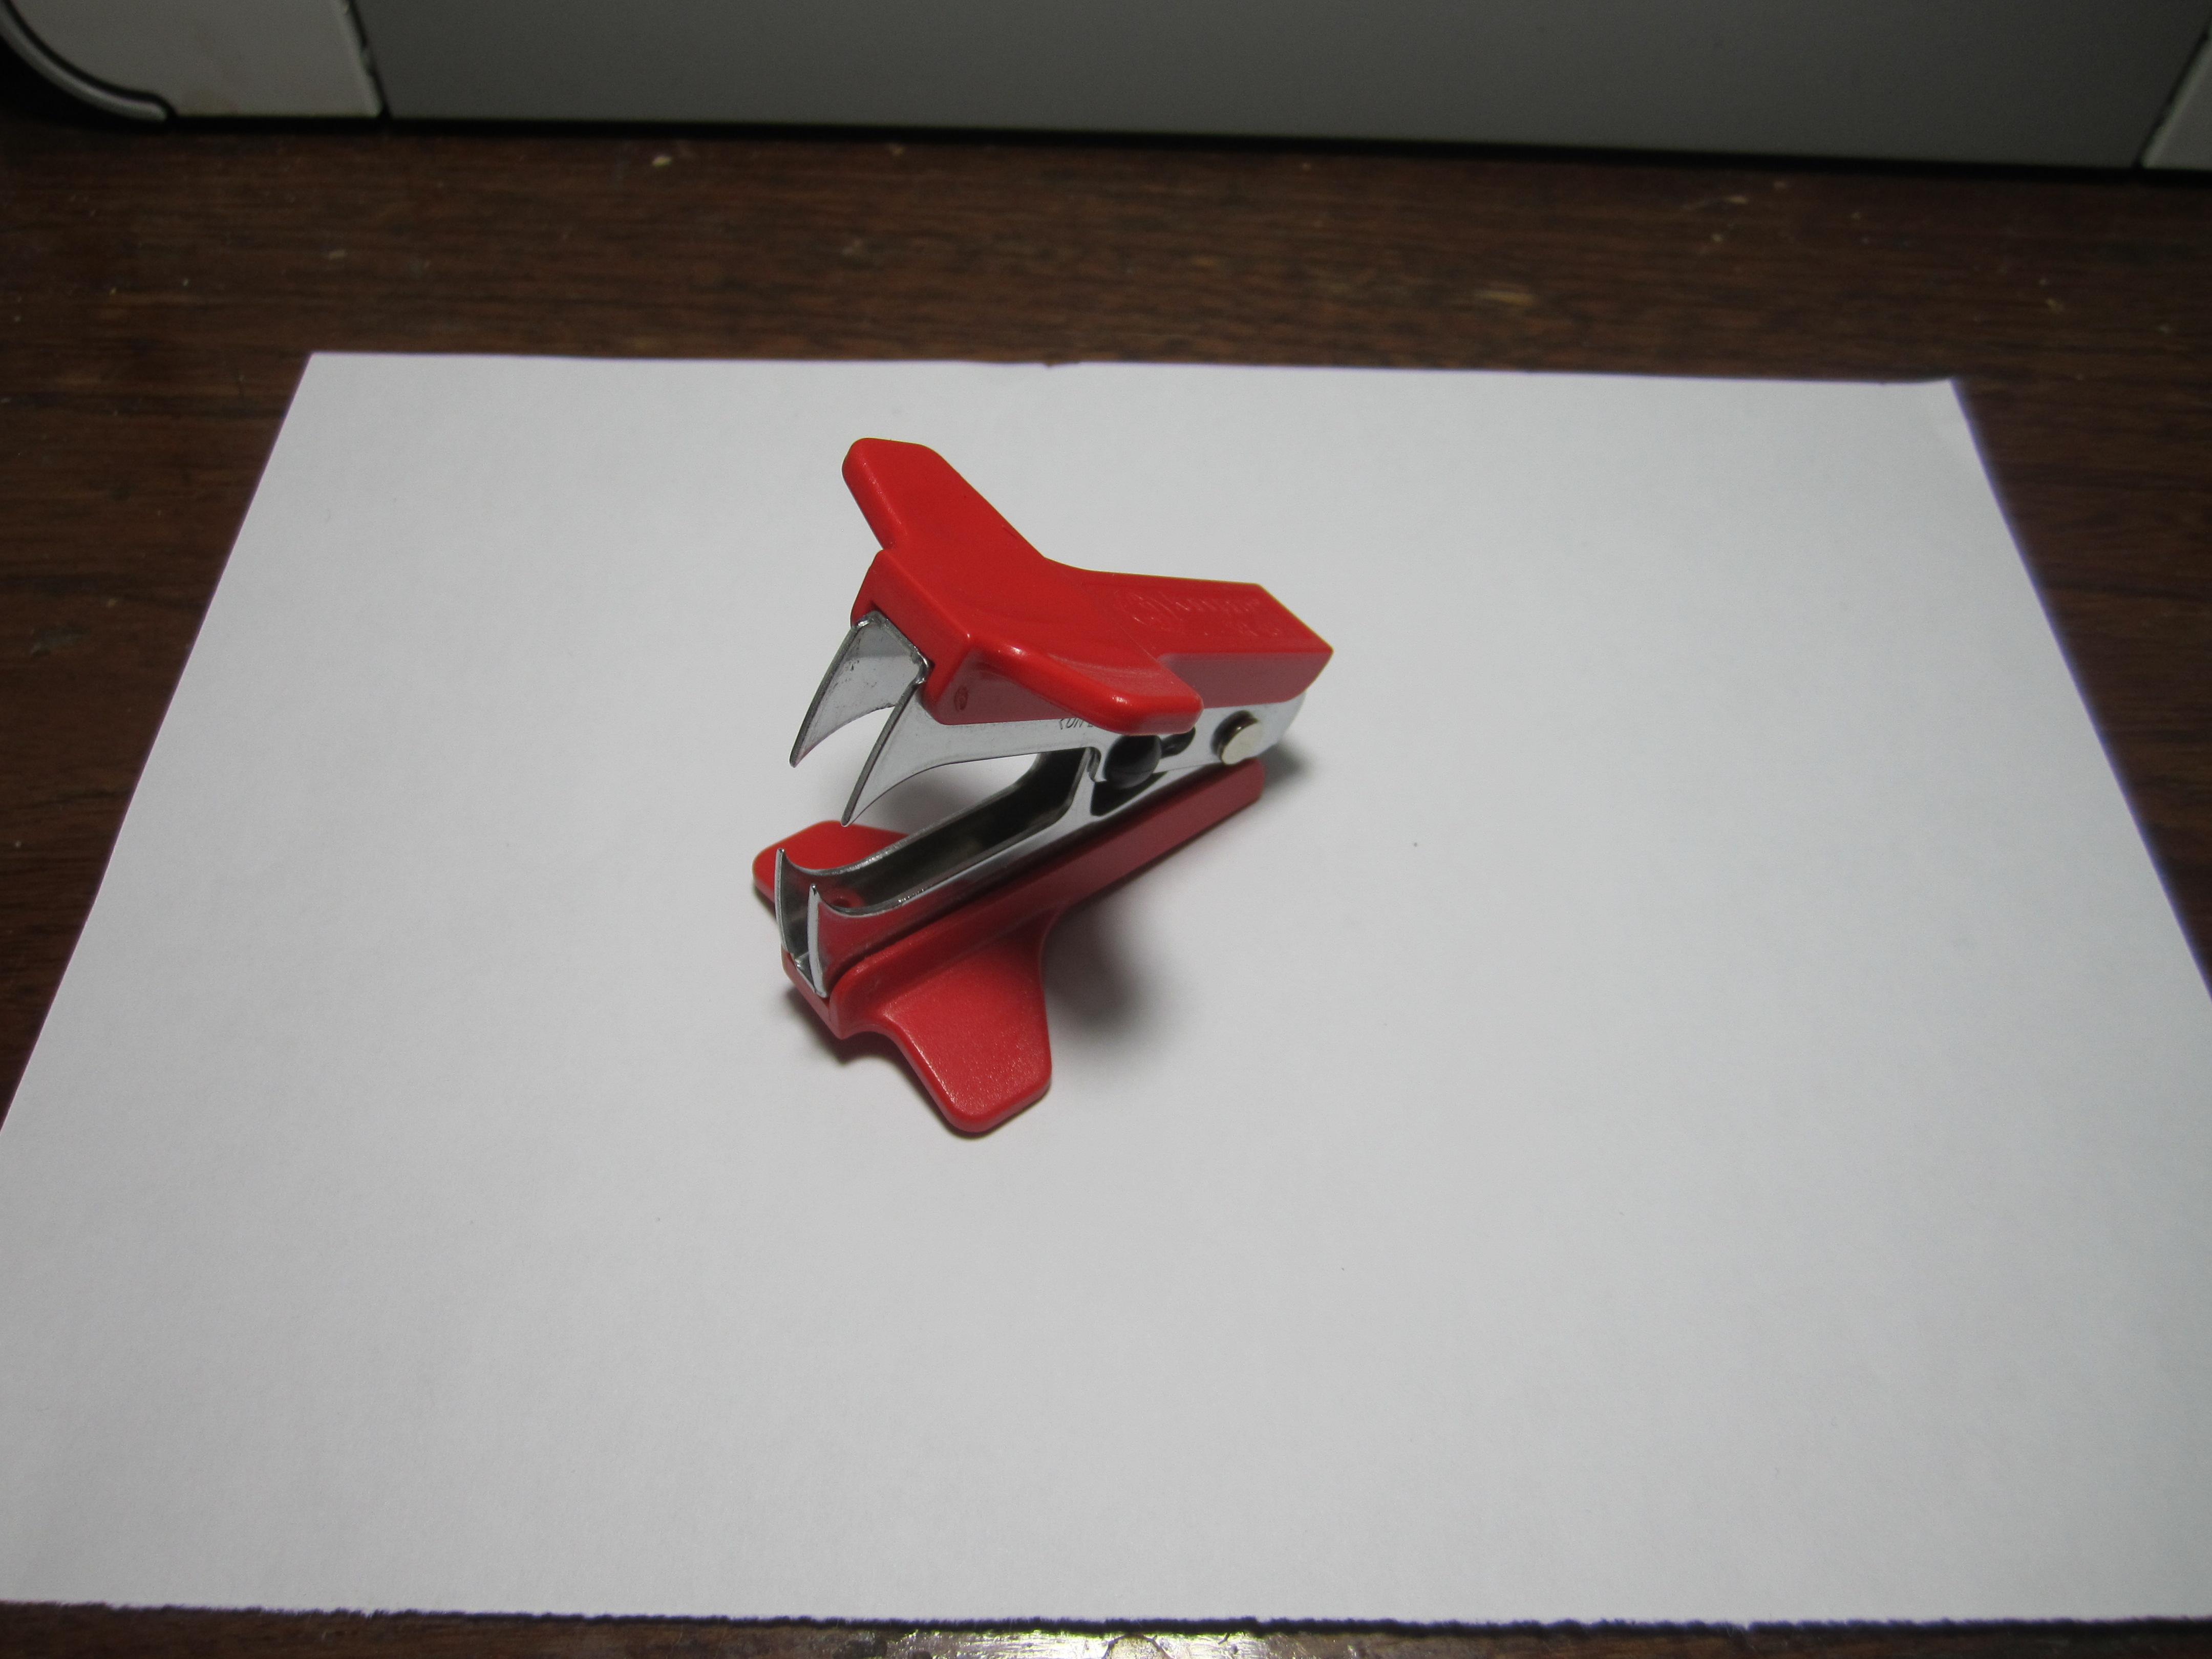 محصول تستی قبل از استفاده از لایت باکس